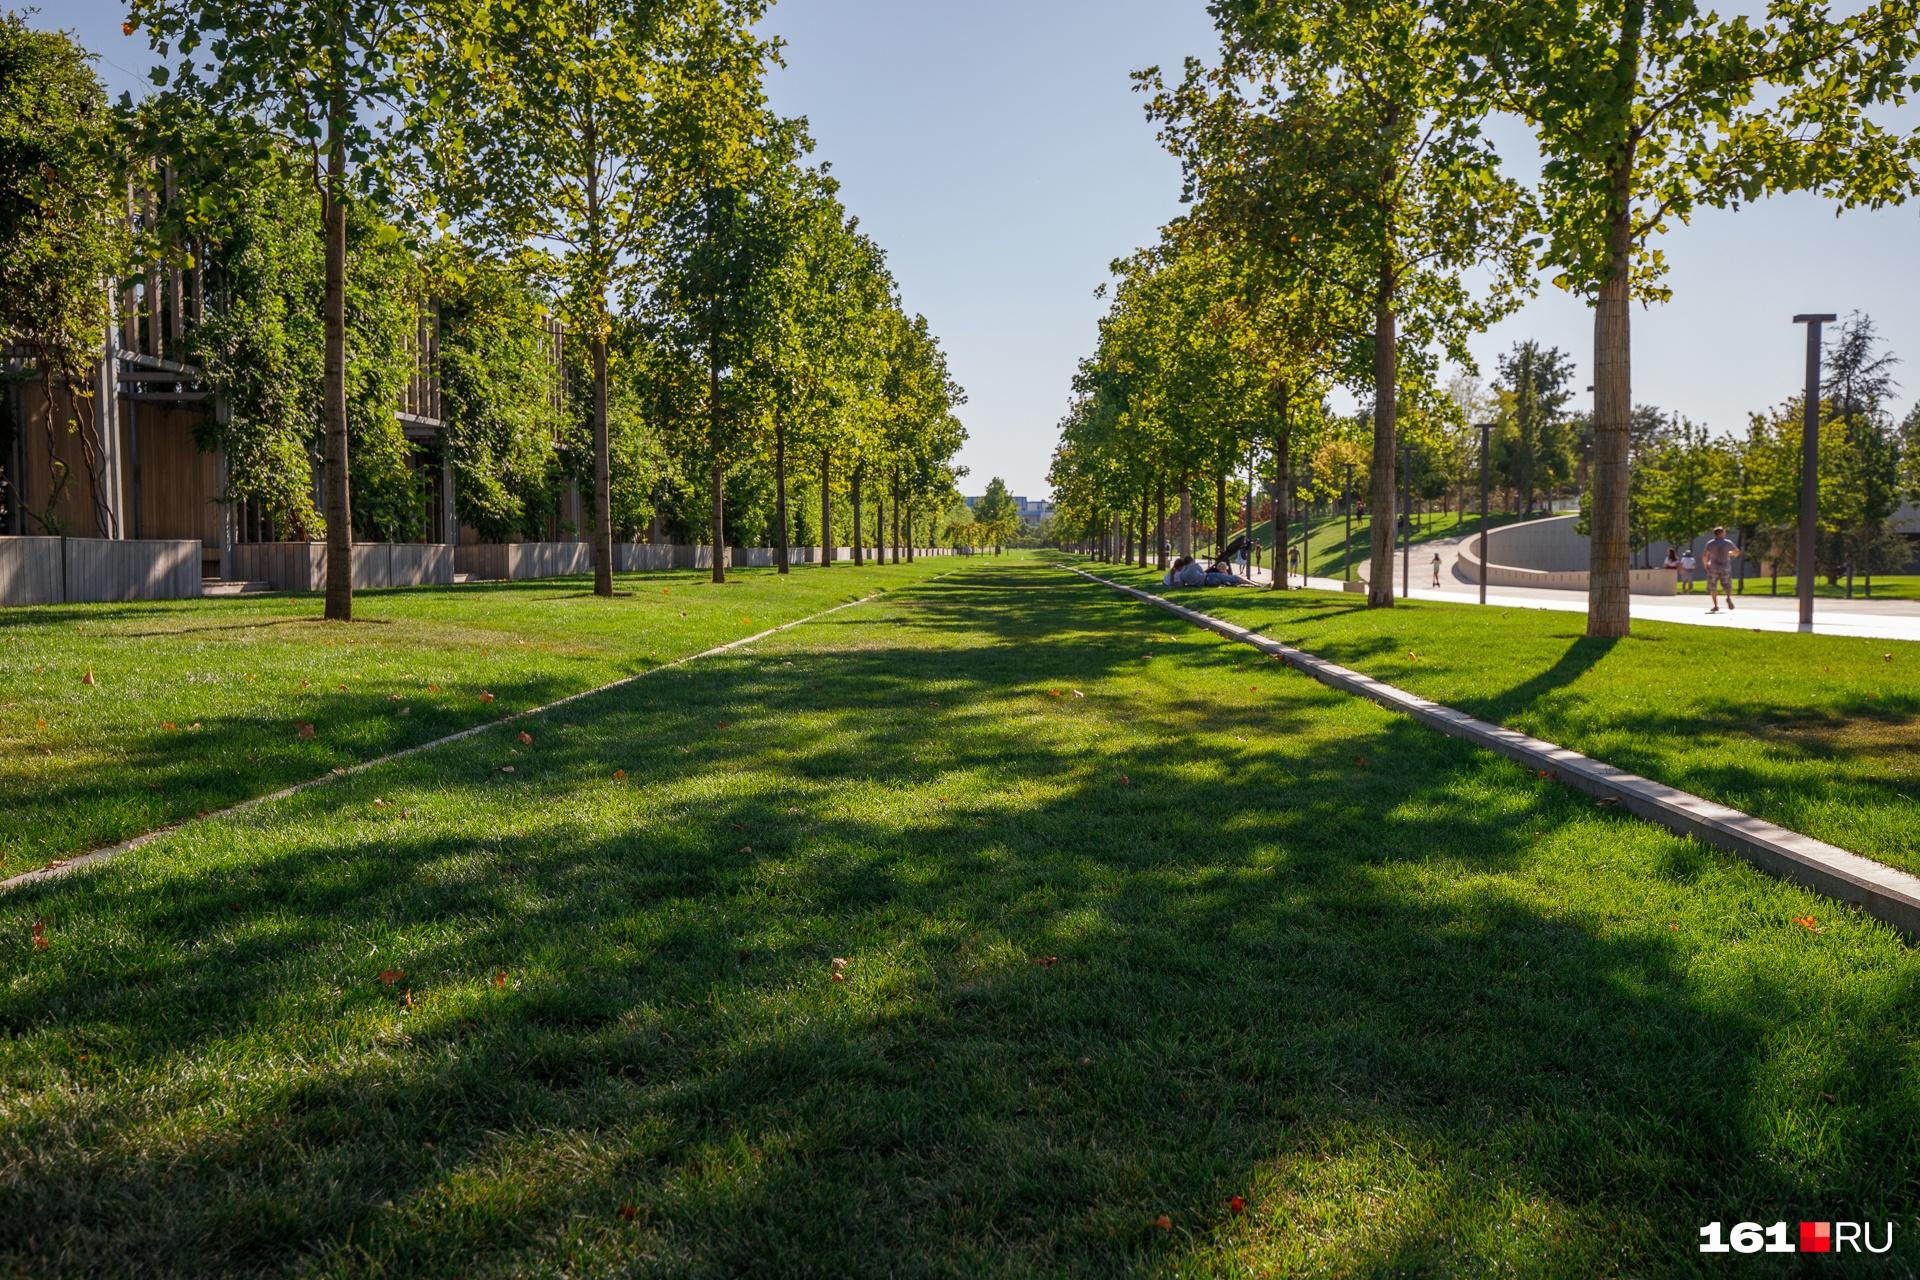 В парке много аккуратно подстриженных газонов